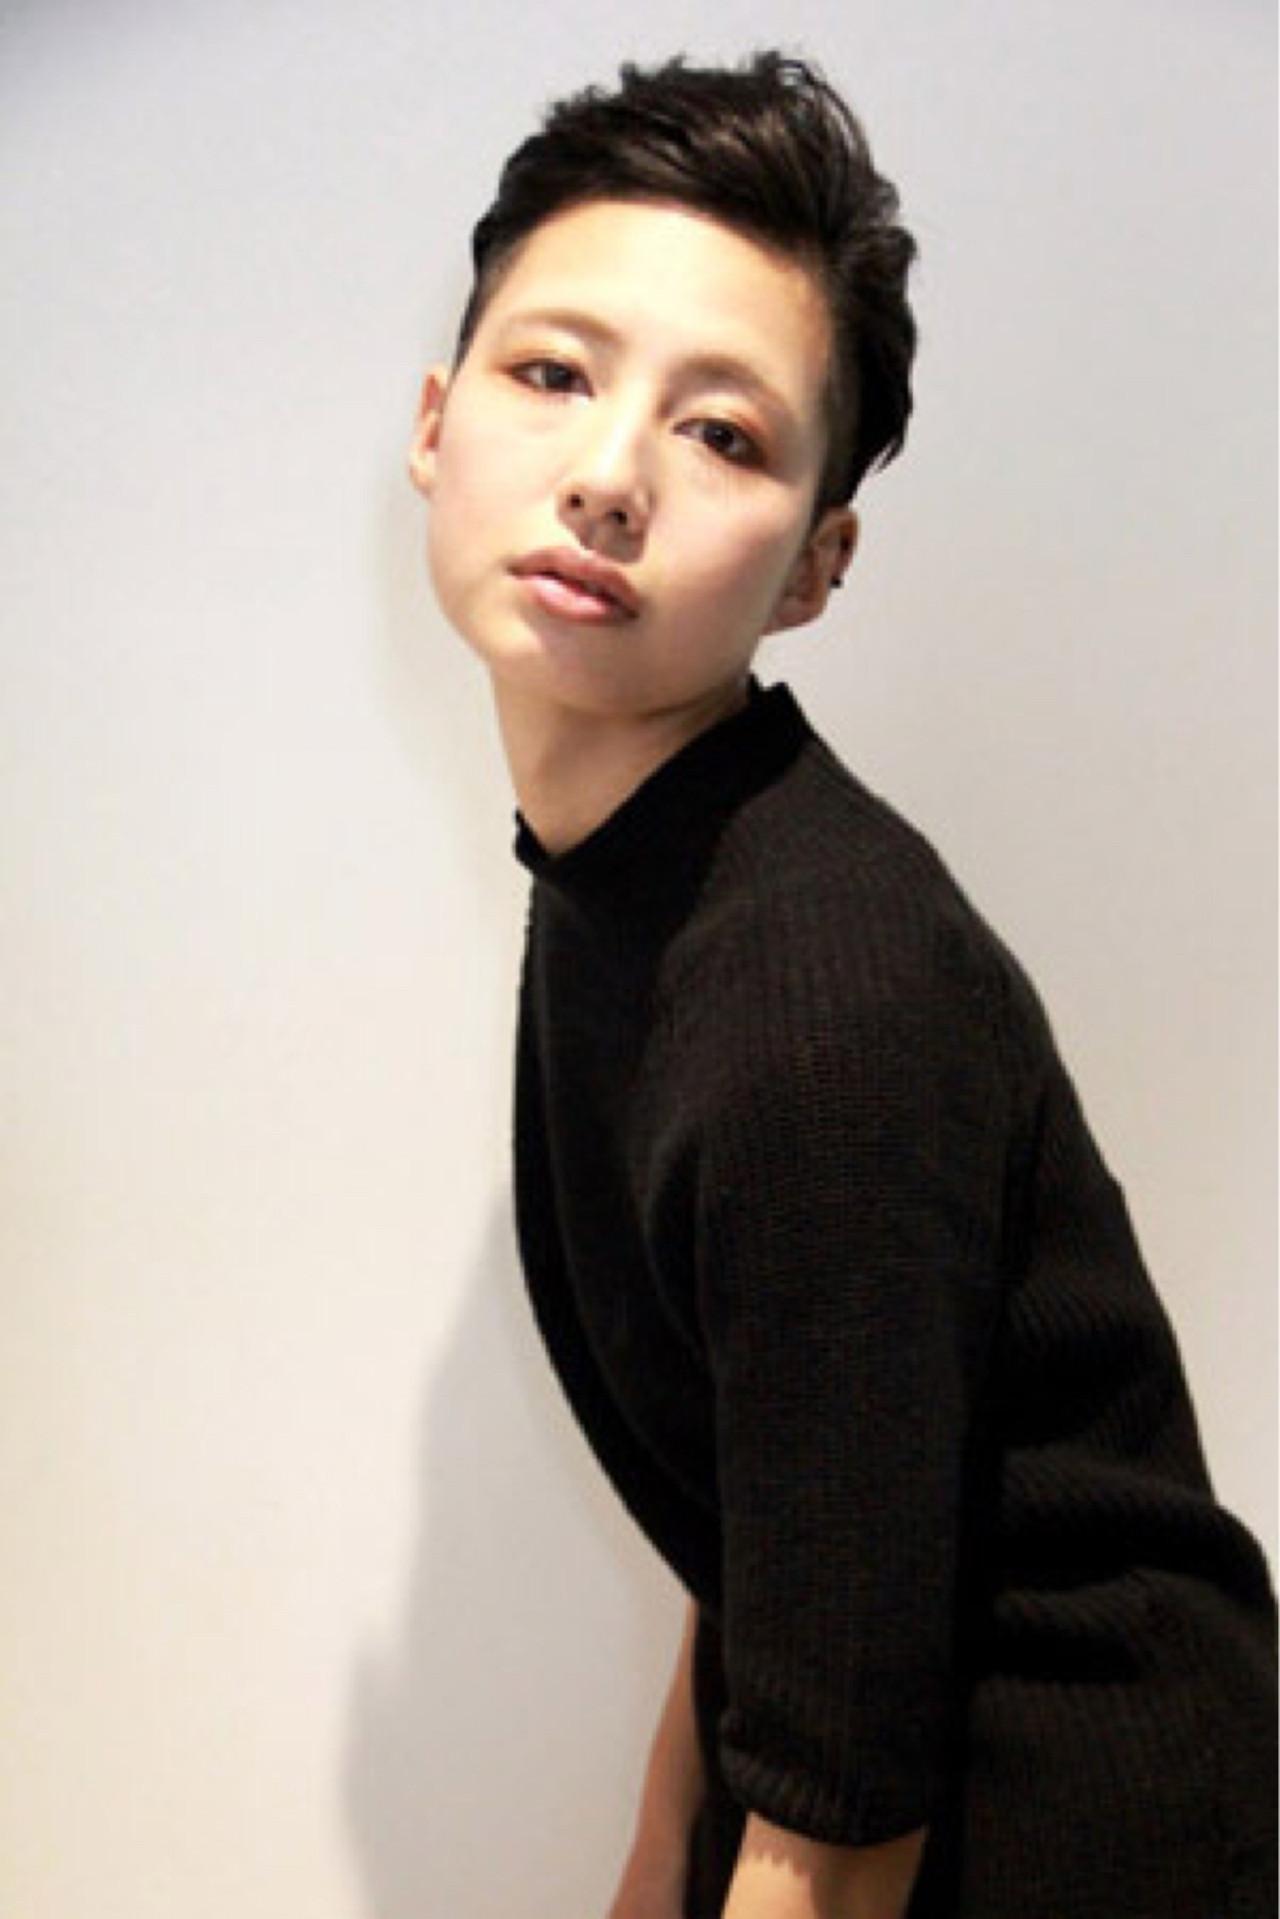 クール女子におすすめ!カッコかわいいソフトモヒカン風の髪型カタログ 中田 大助